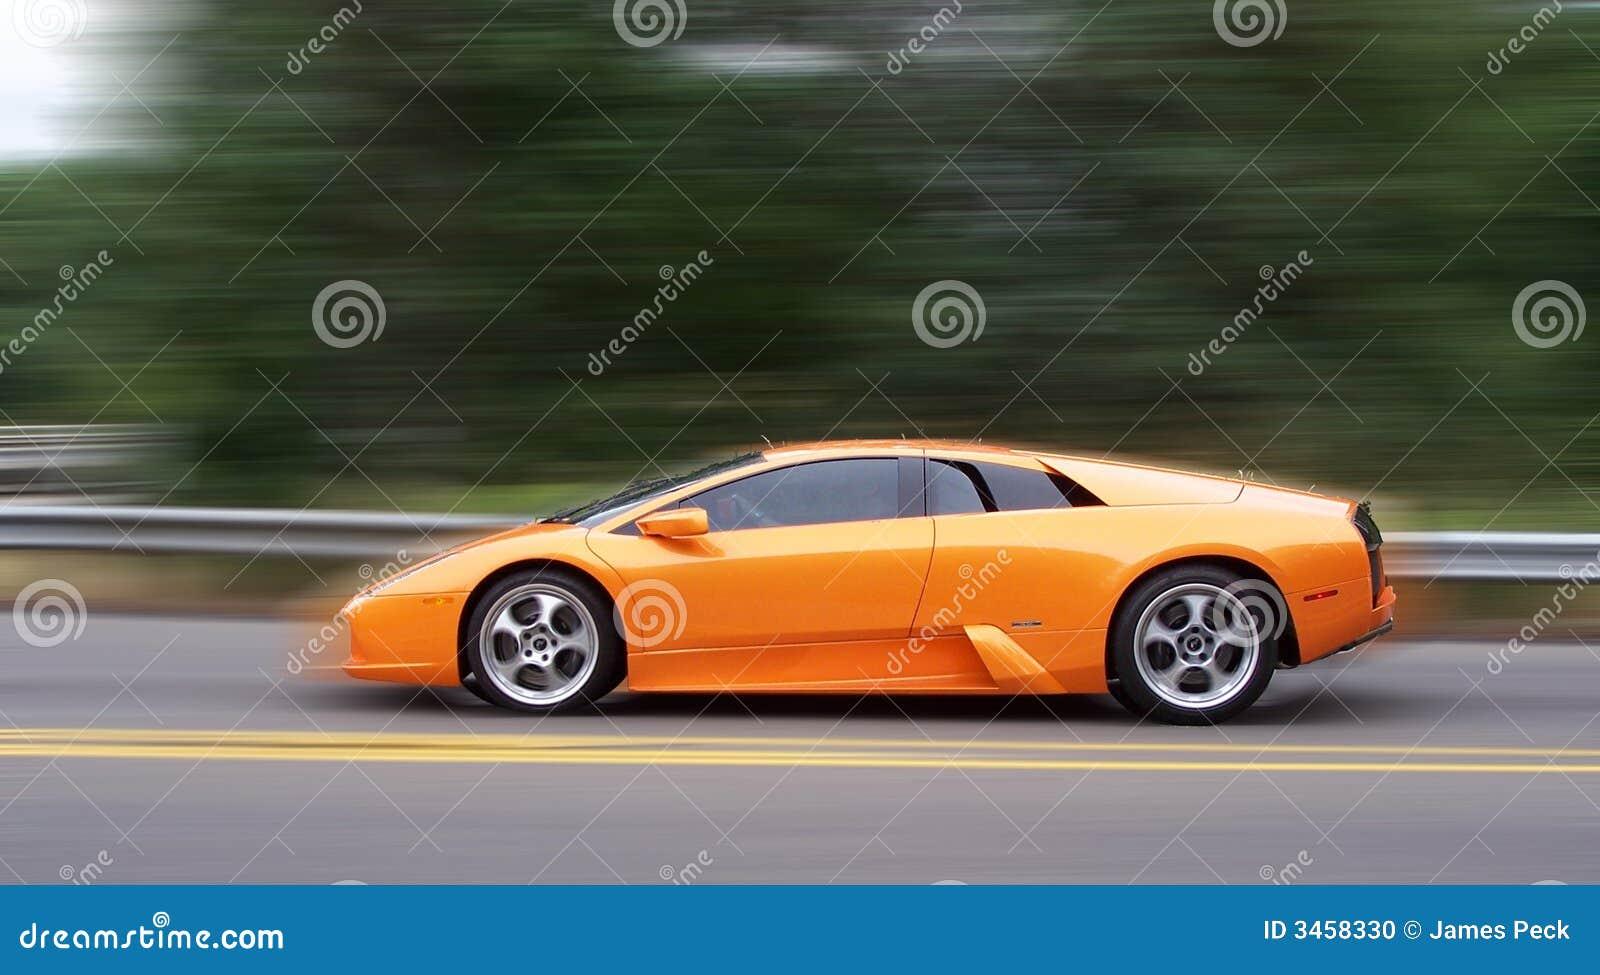 汽车异乎寻常快速